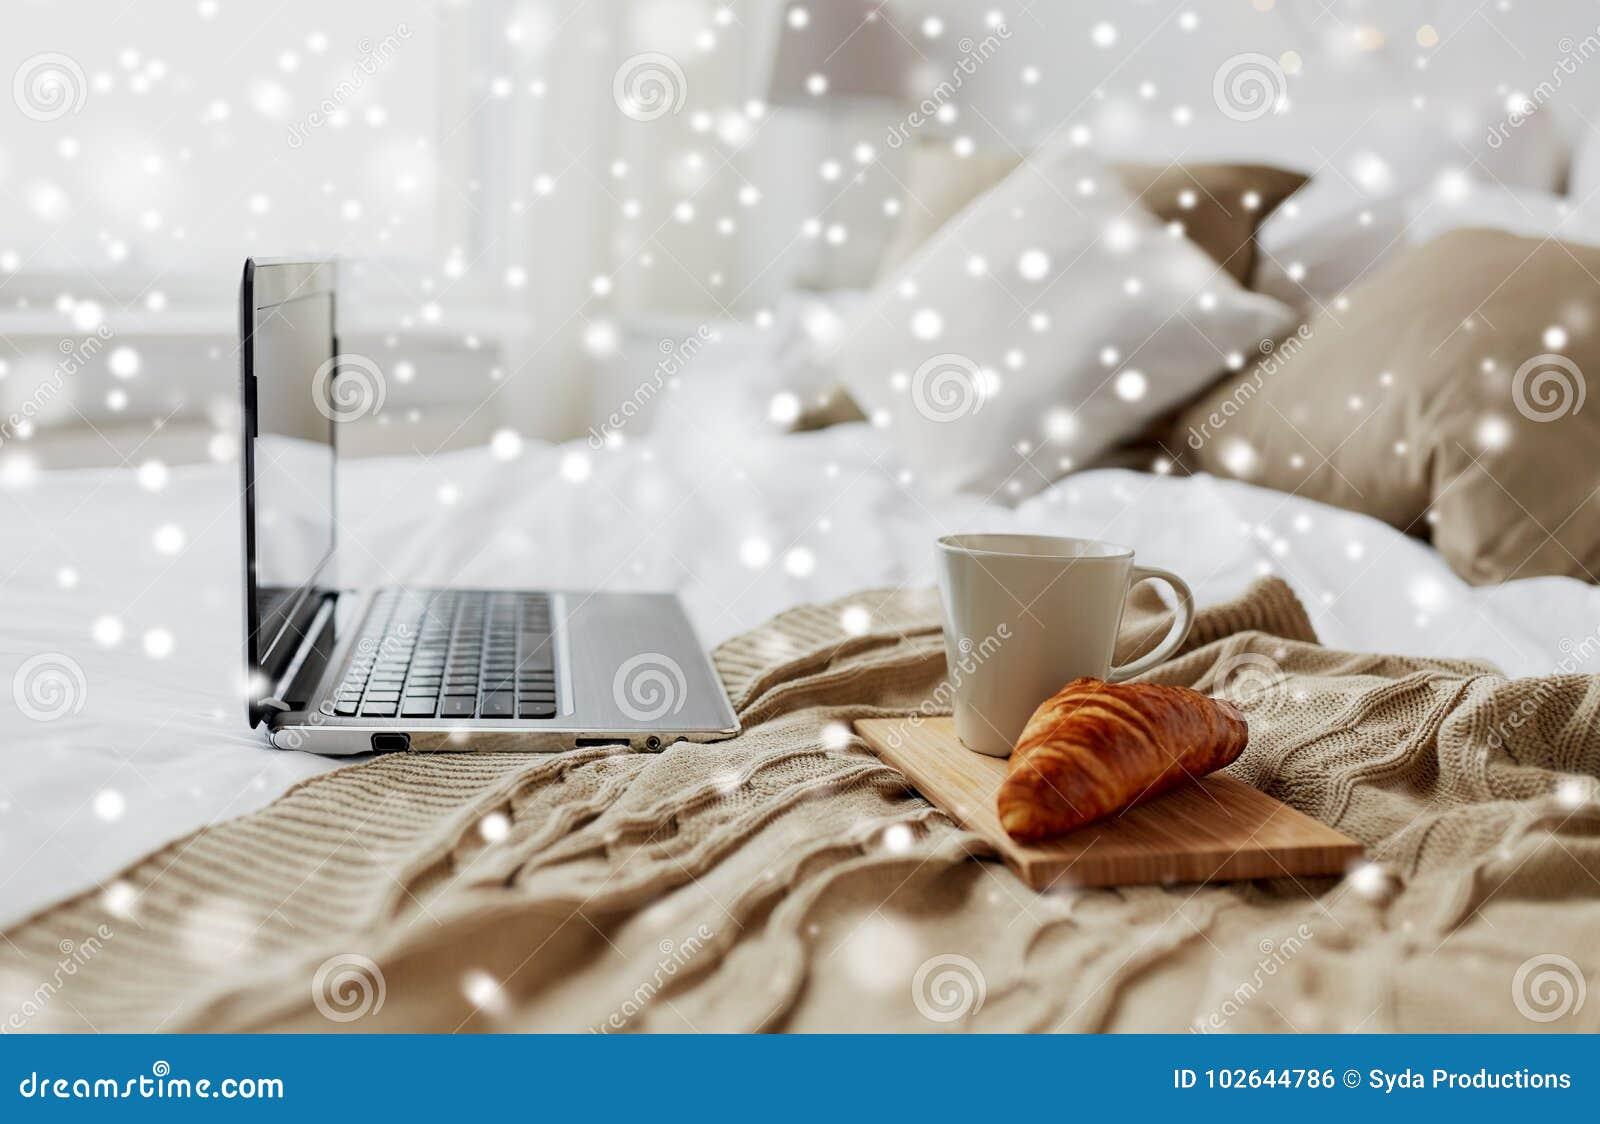 Computer portatile caff e croissant sul letto a casa - Casa accogliente ...